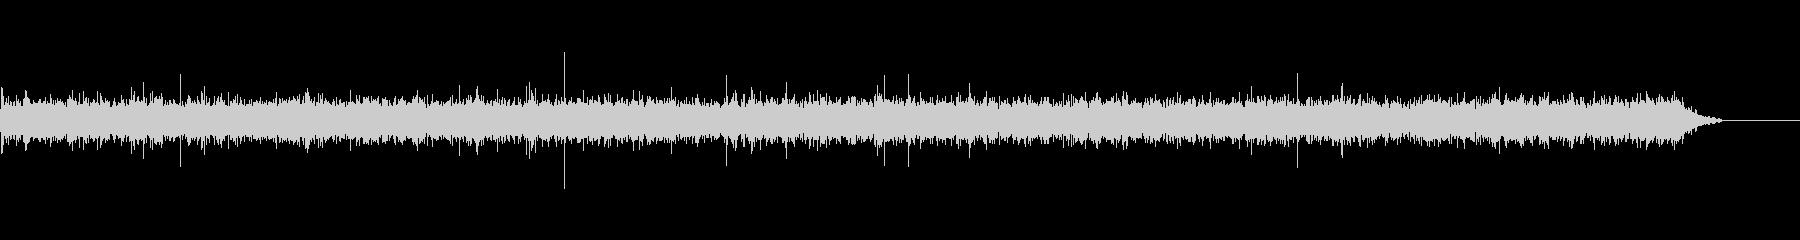 チョロチョロ(川の流れる音)【自然音】長の未再生の波形